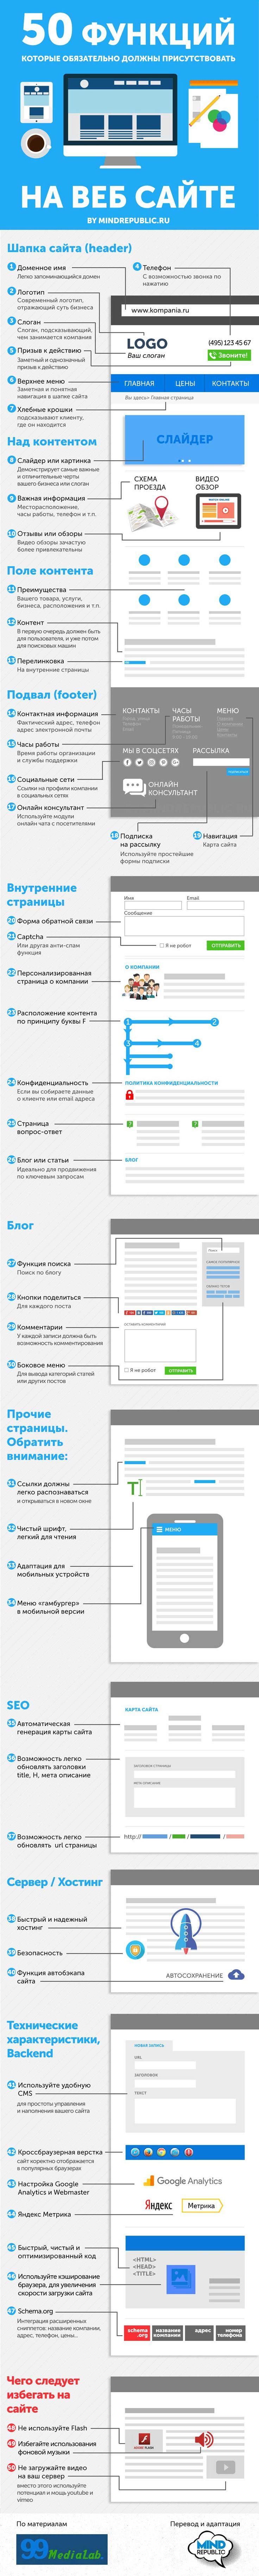 50 функций, которые должны присутствовать на любом веб сайте. Инфографика Infographics 50 features in web design